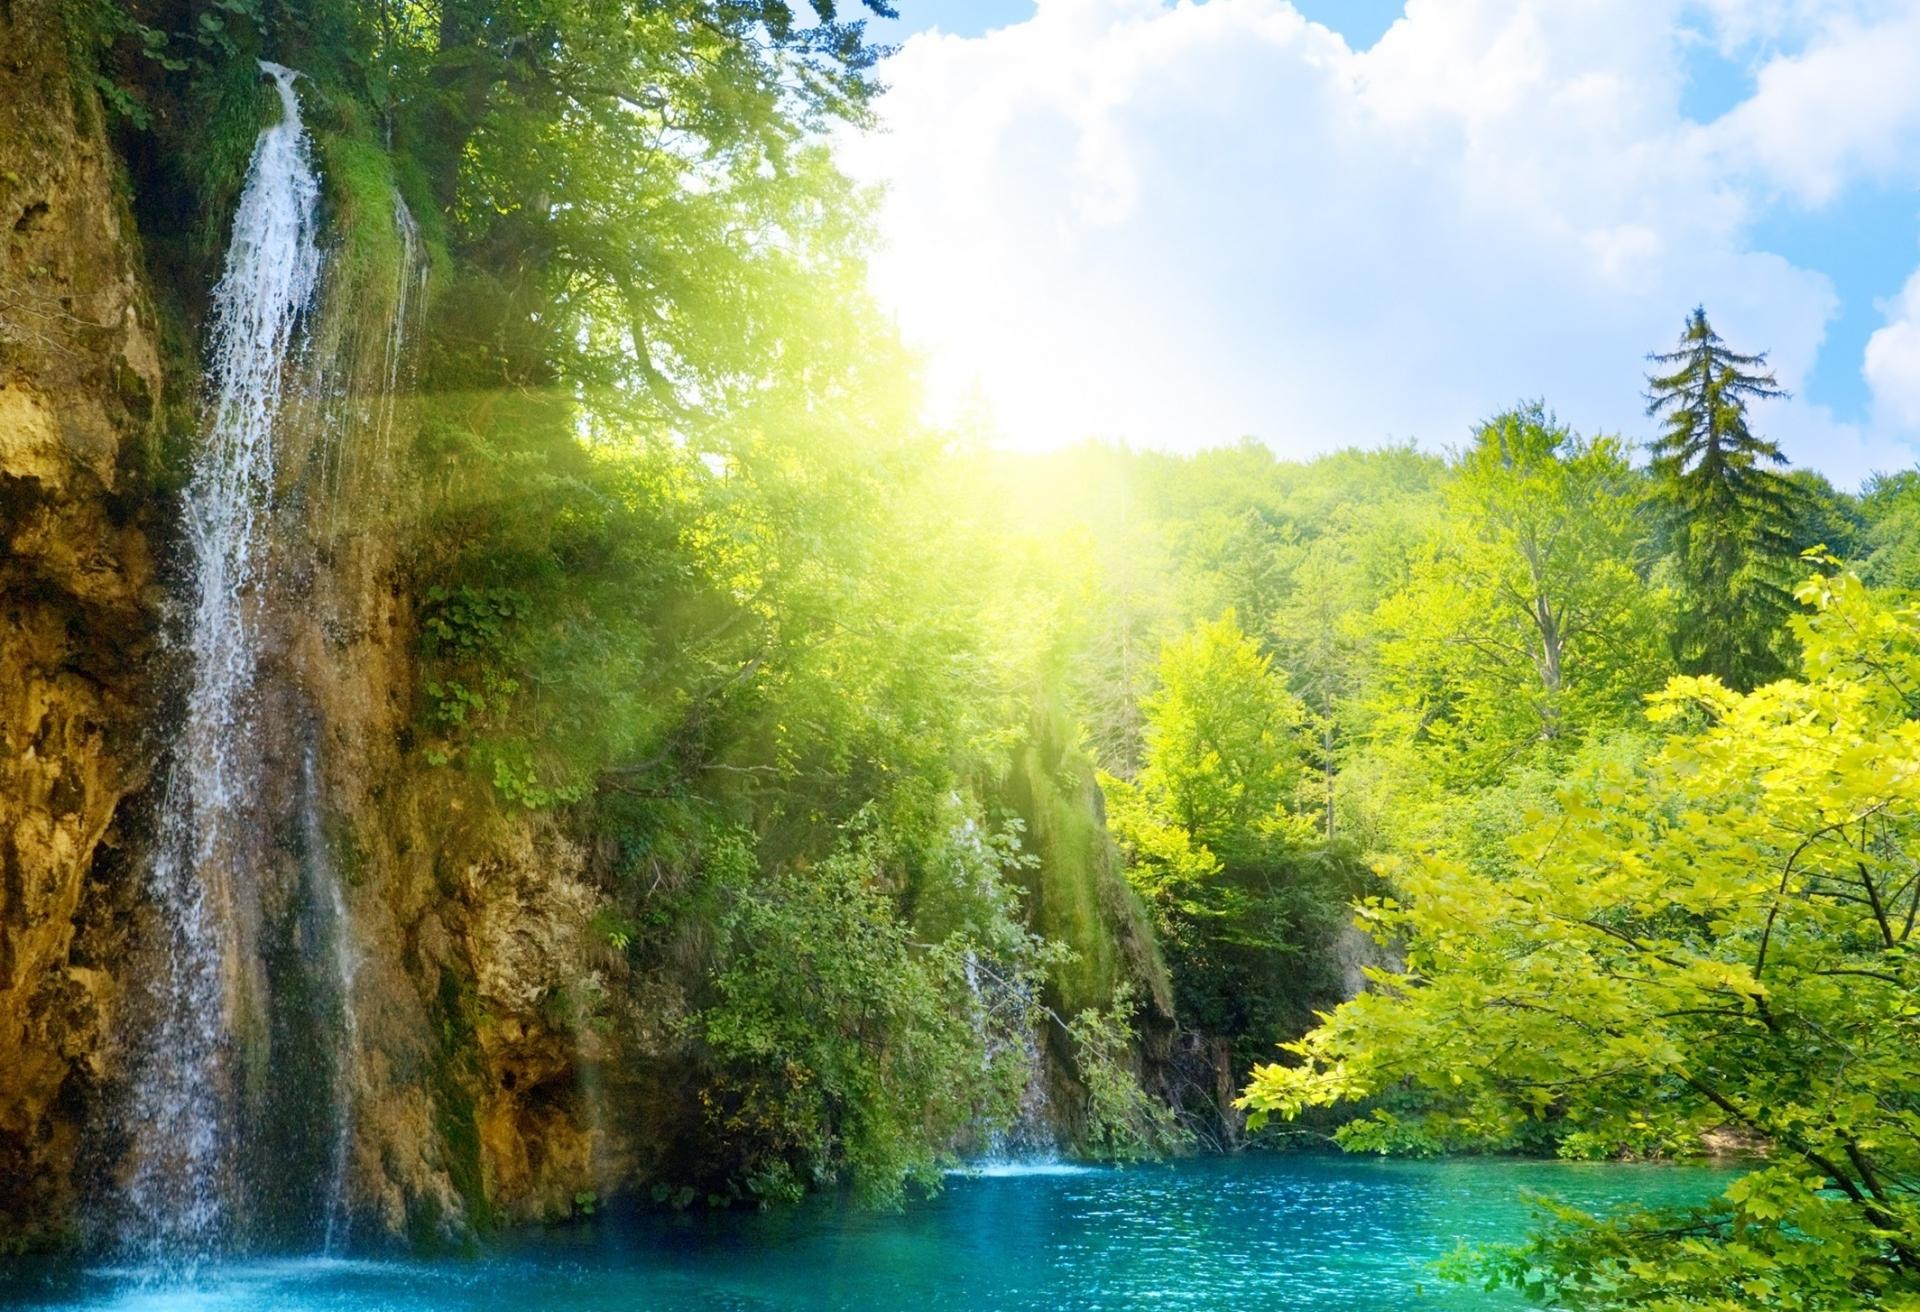 Galleria immagini natura con sfondi di panorami meravigliosi for Immagini desktop natura